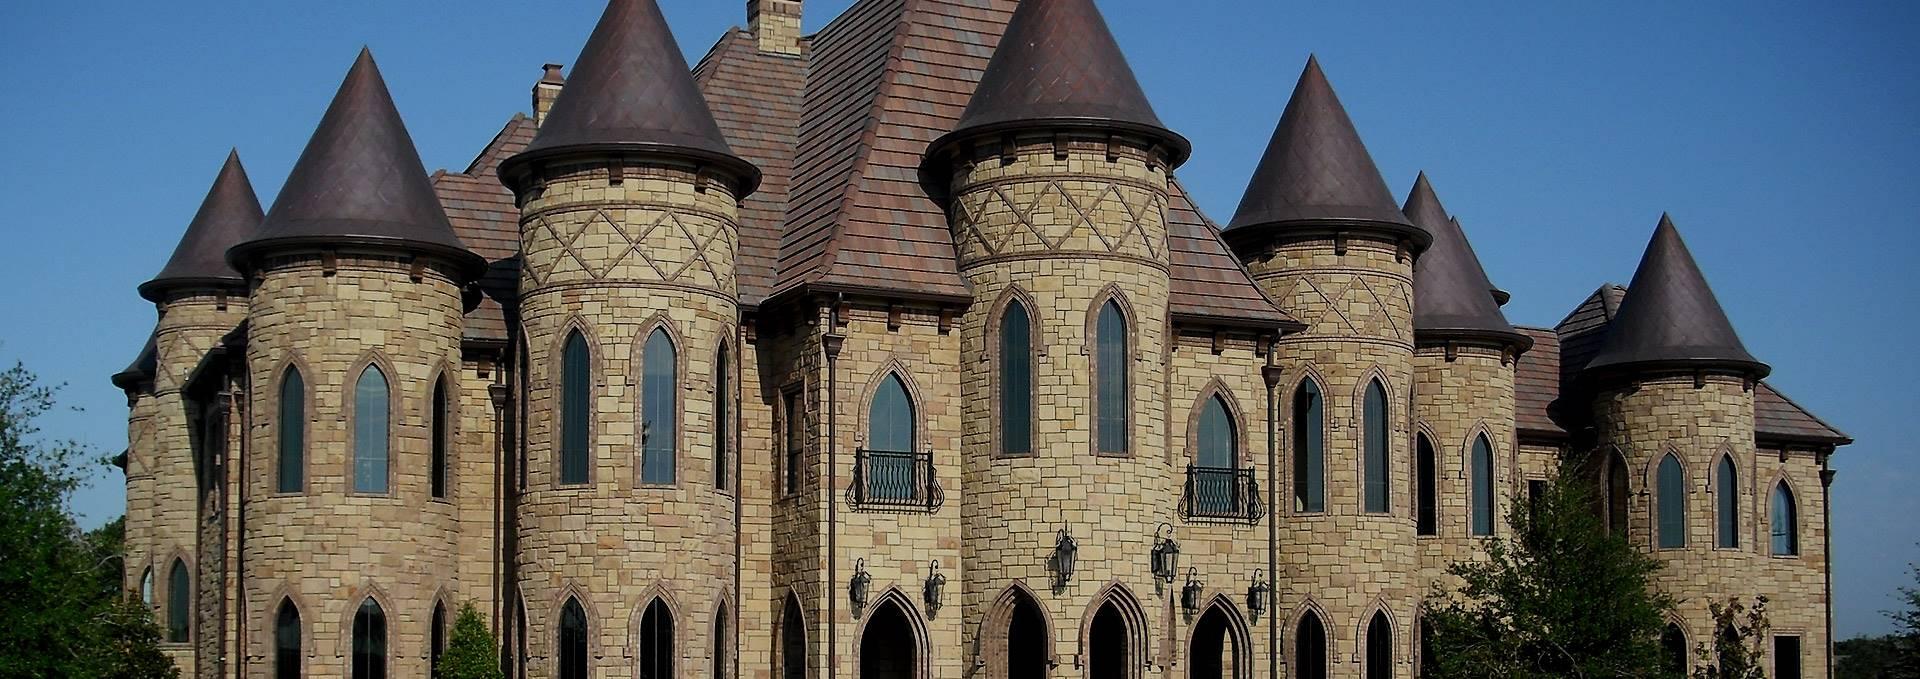 Castle Home